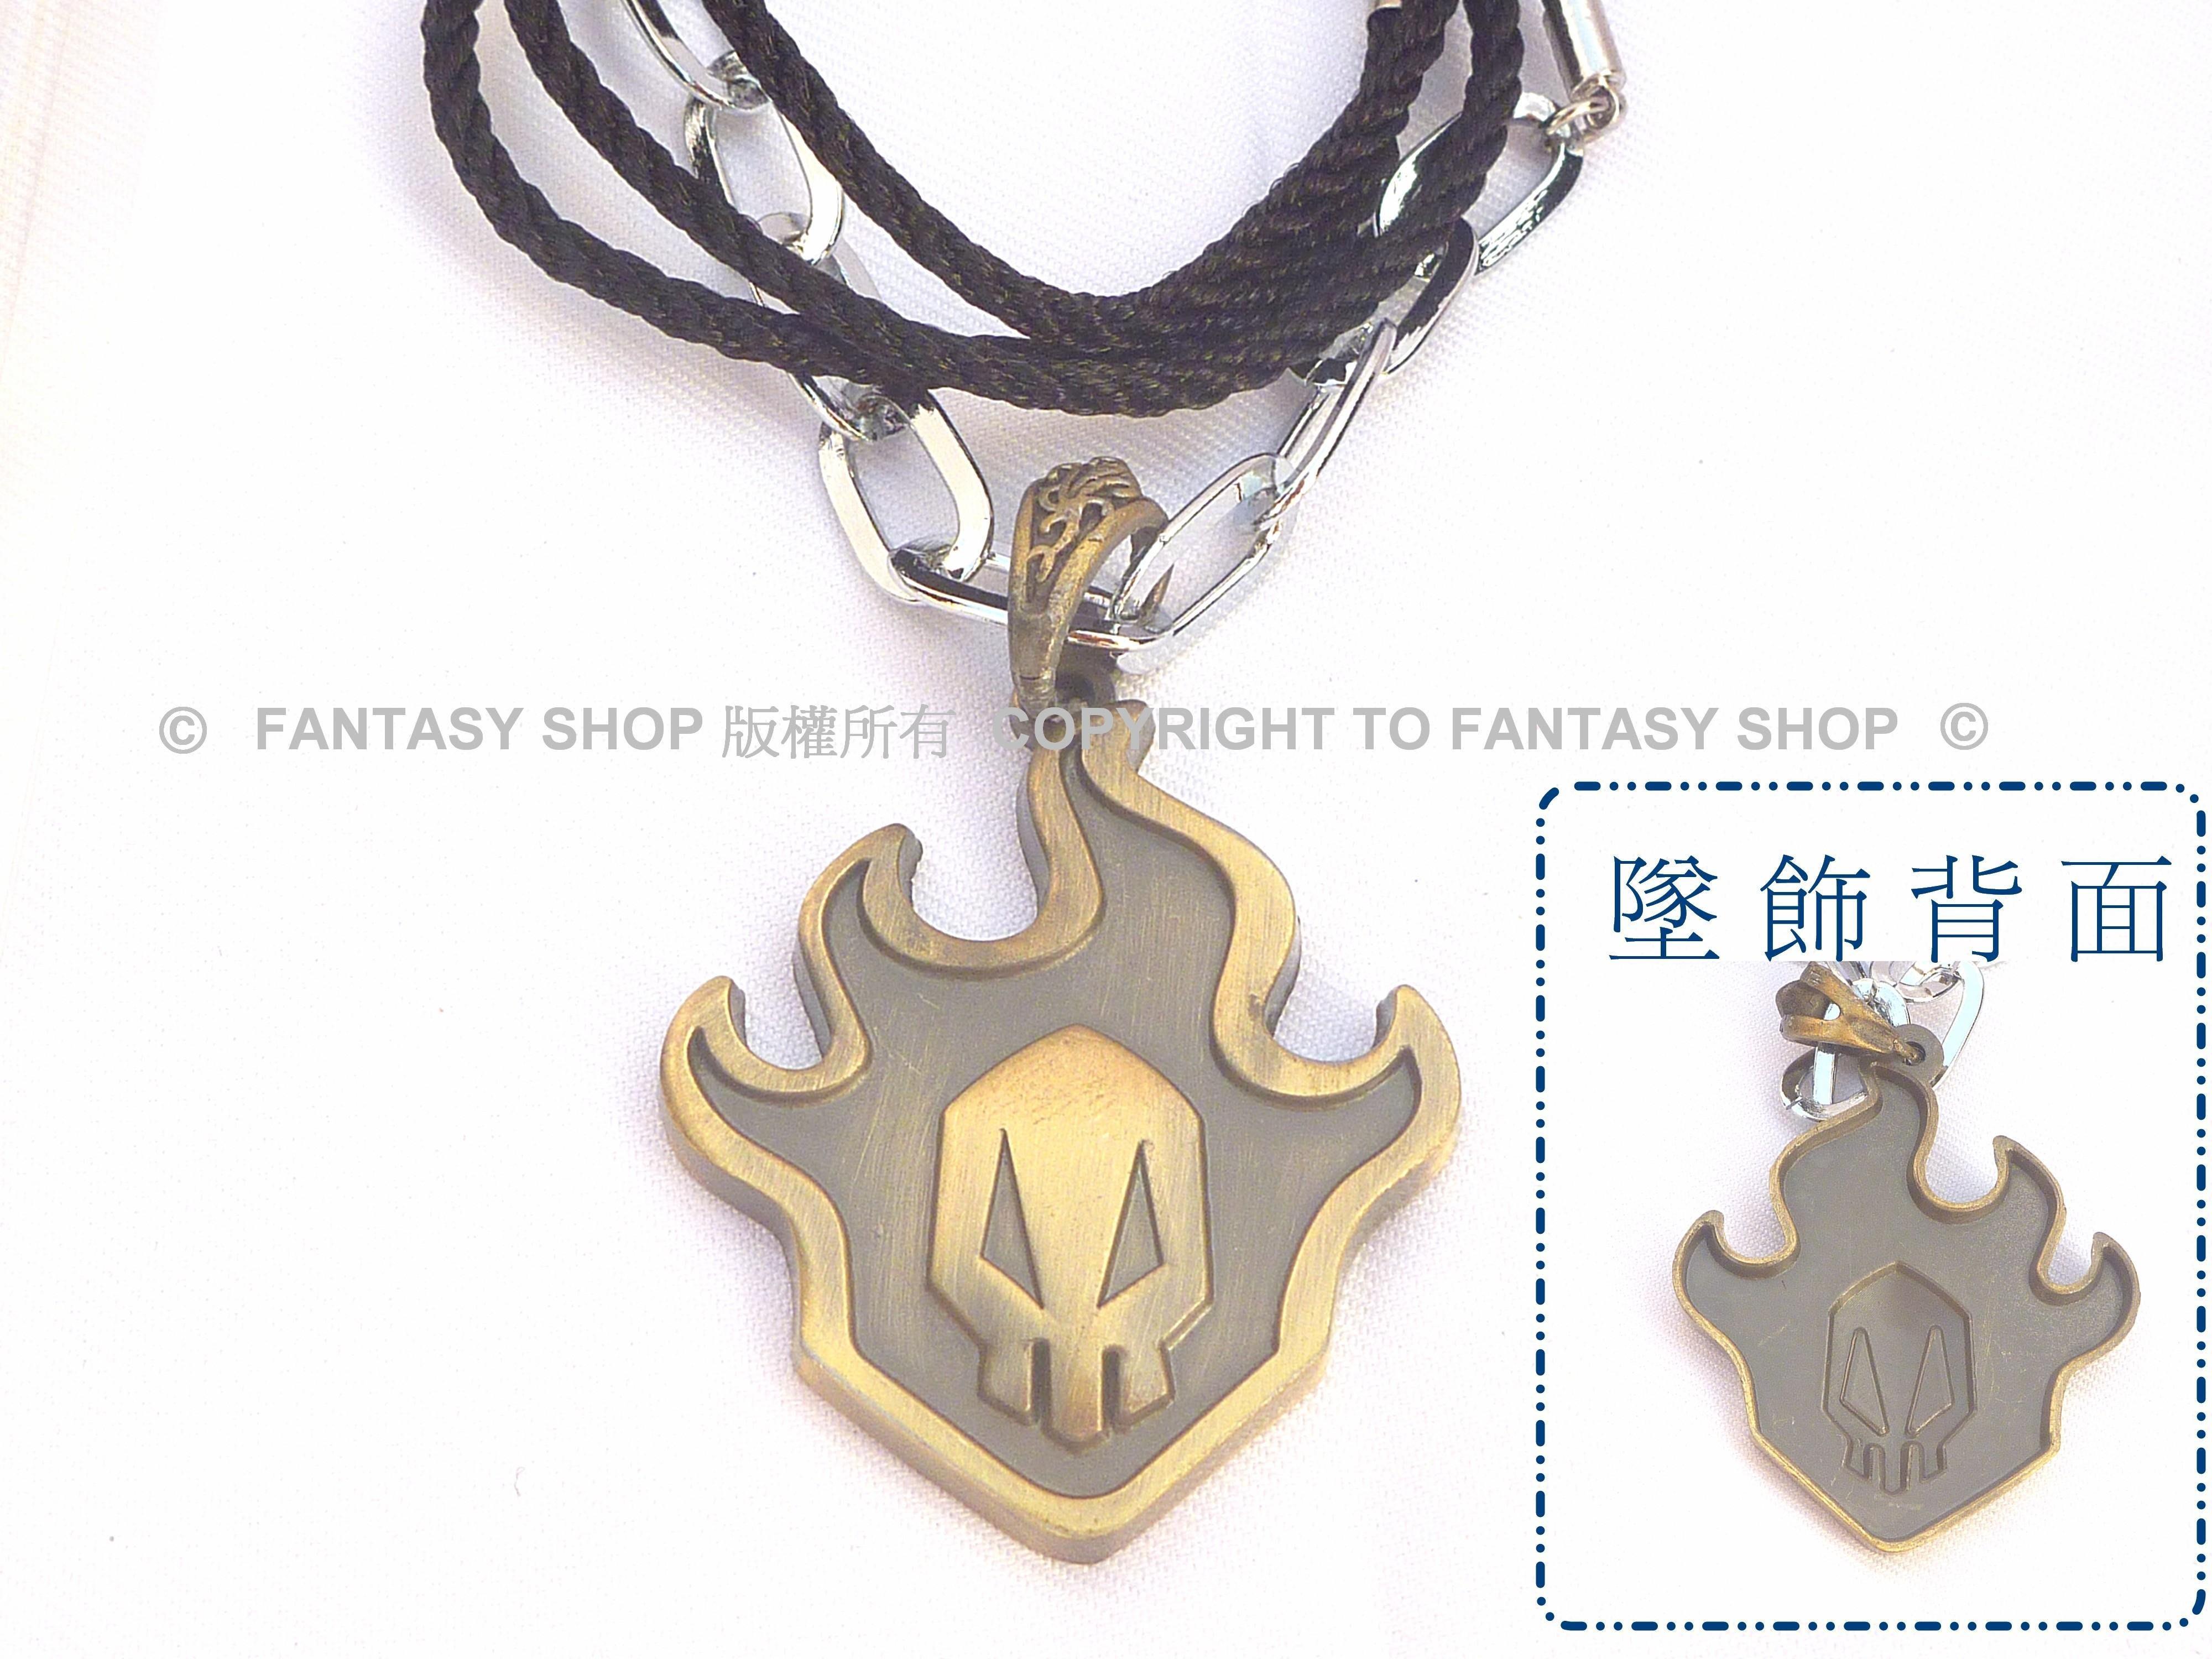 FANTASY SHOP~死神 (BLEACH) 黑崎一護代理死神標誌青銅色項鍊 長鍊款